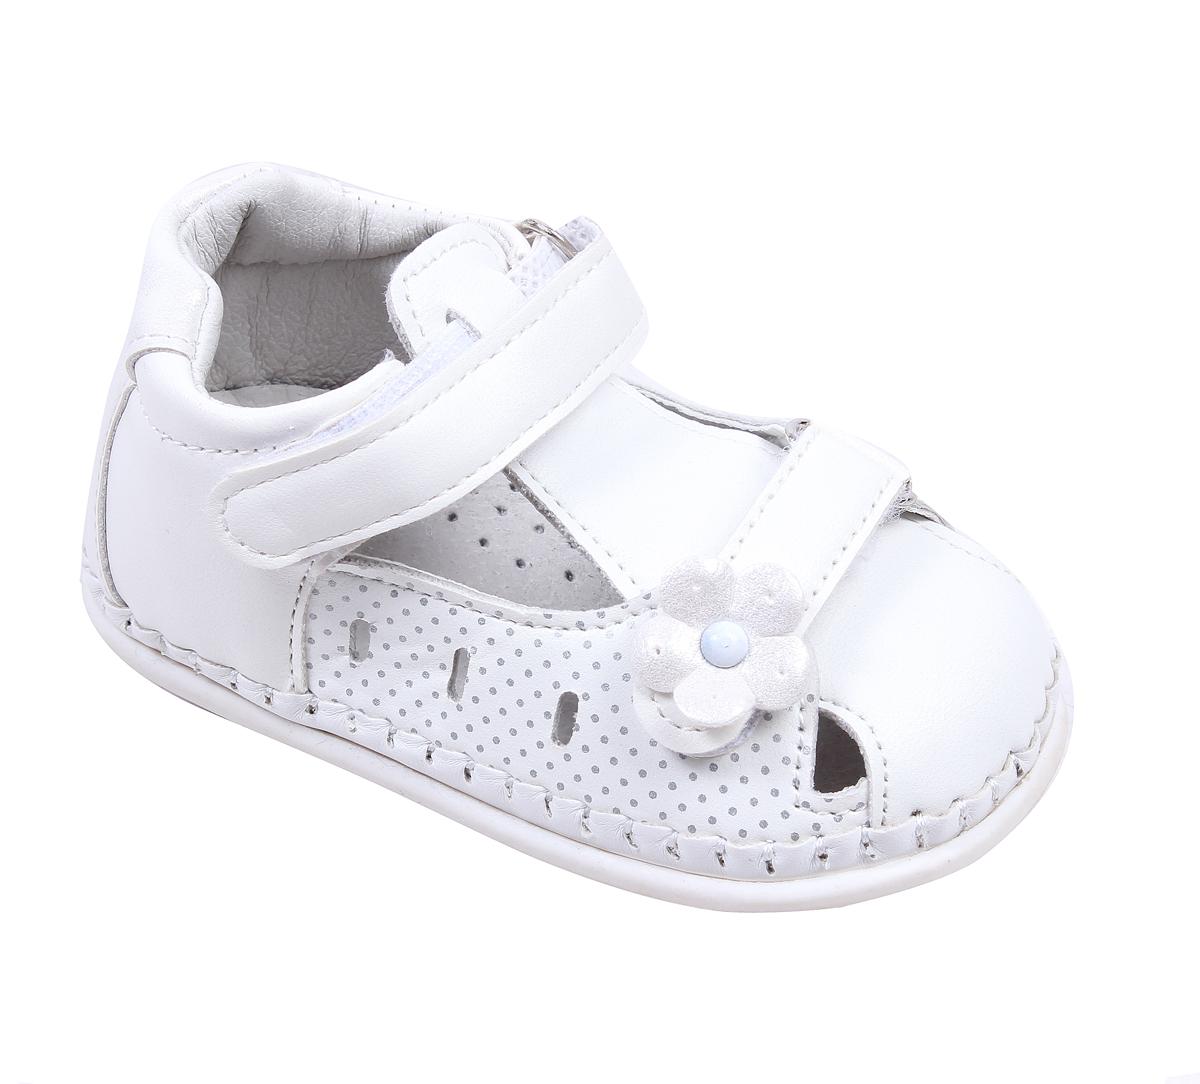 0ea1413d39f Бебешки сандали за момиче за прохождане в бяло и циклама ...